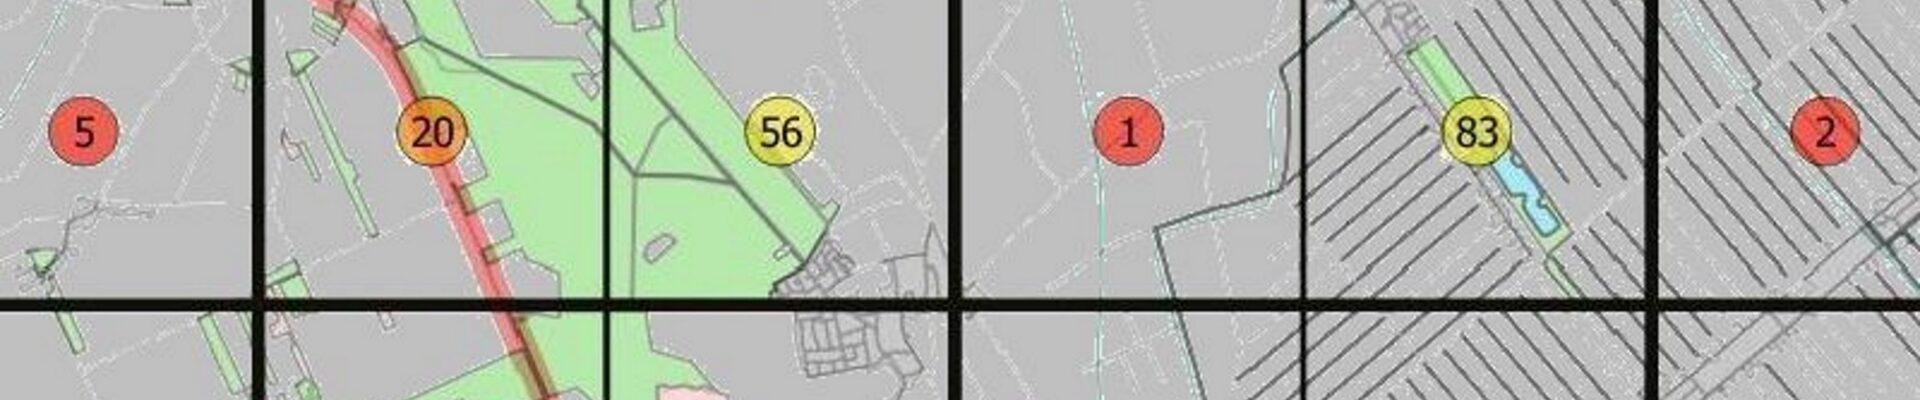 Update van kaarten en tabel voor de Nachtvlinderatlas van Drenthe